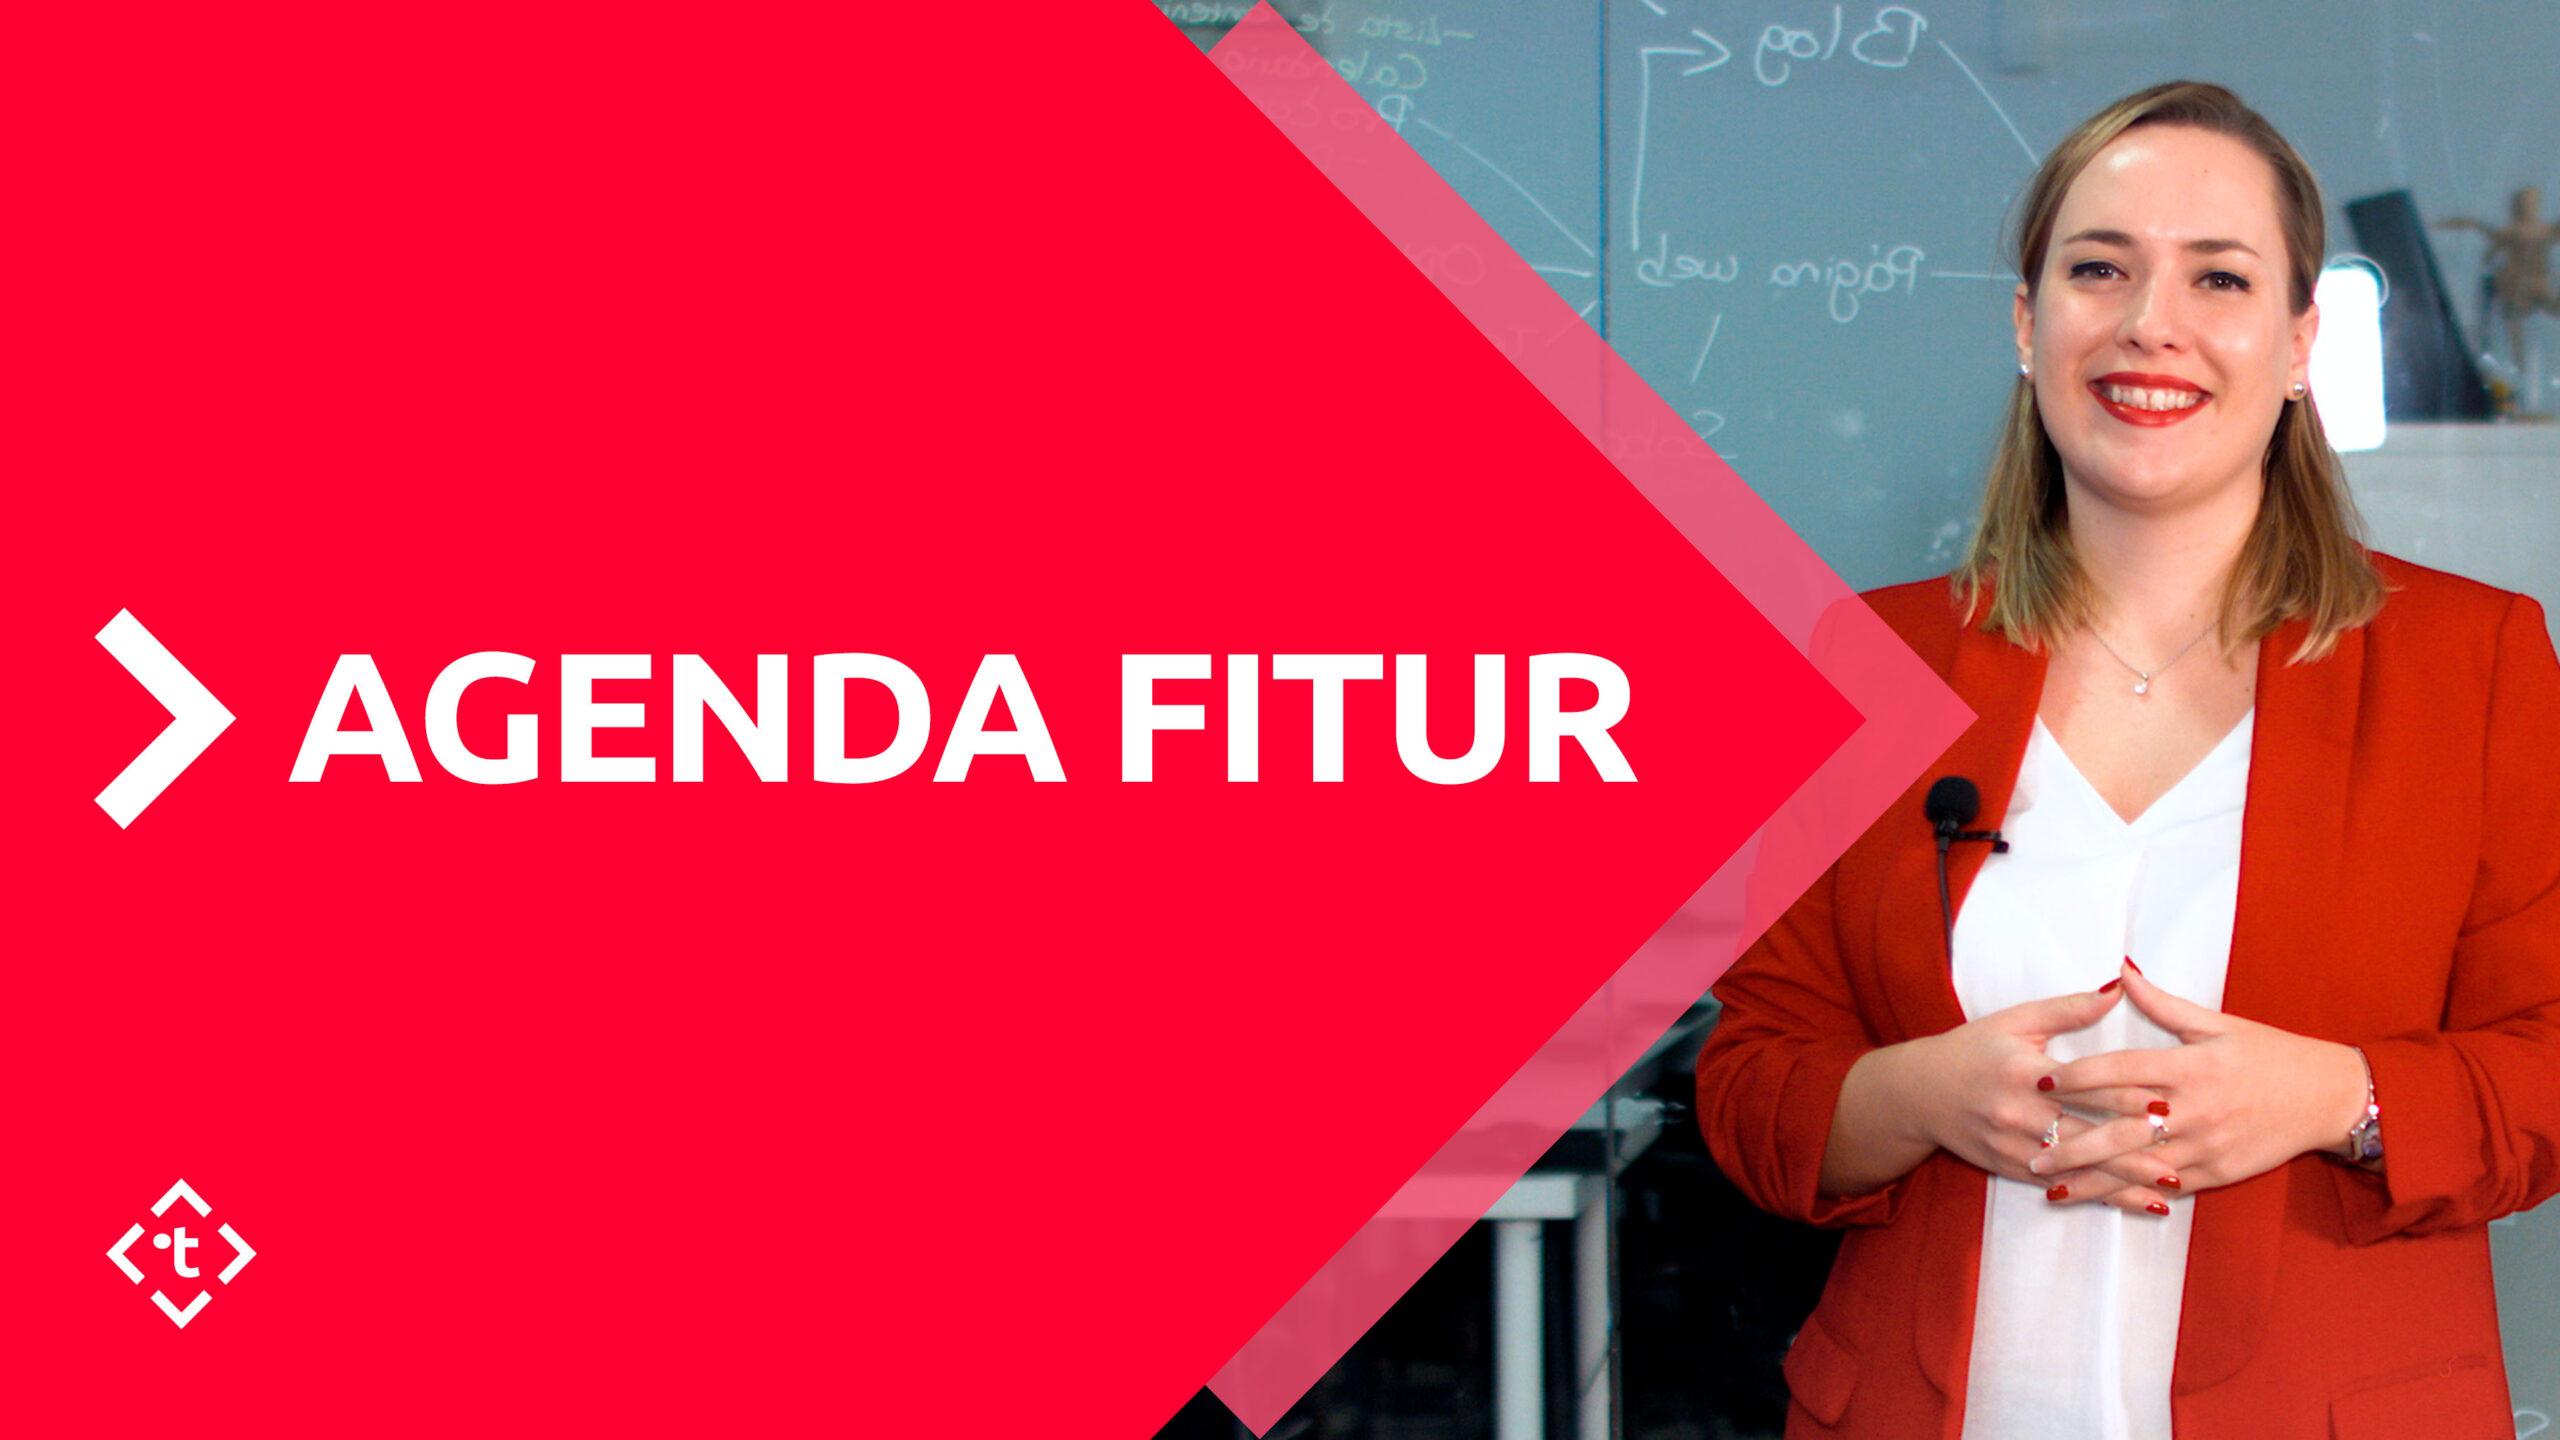 AGENDA FITUR